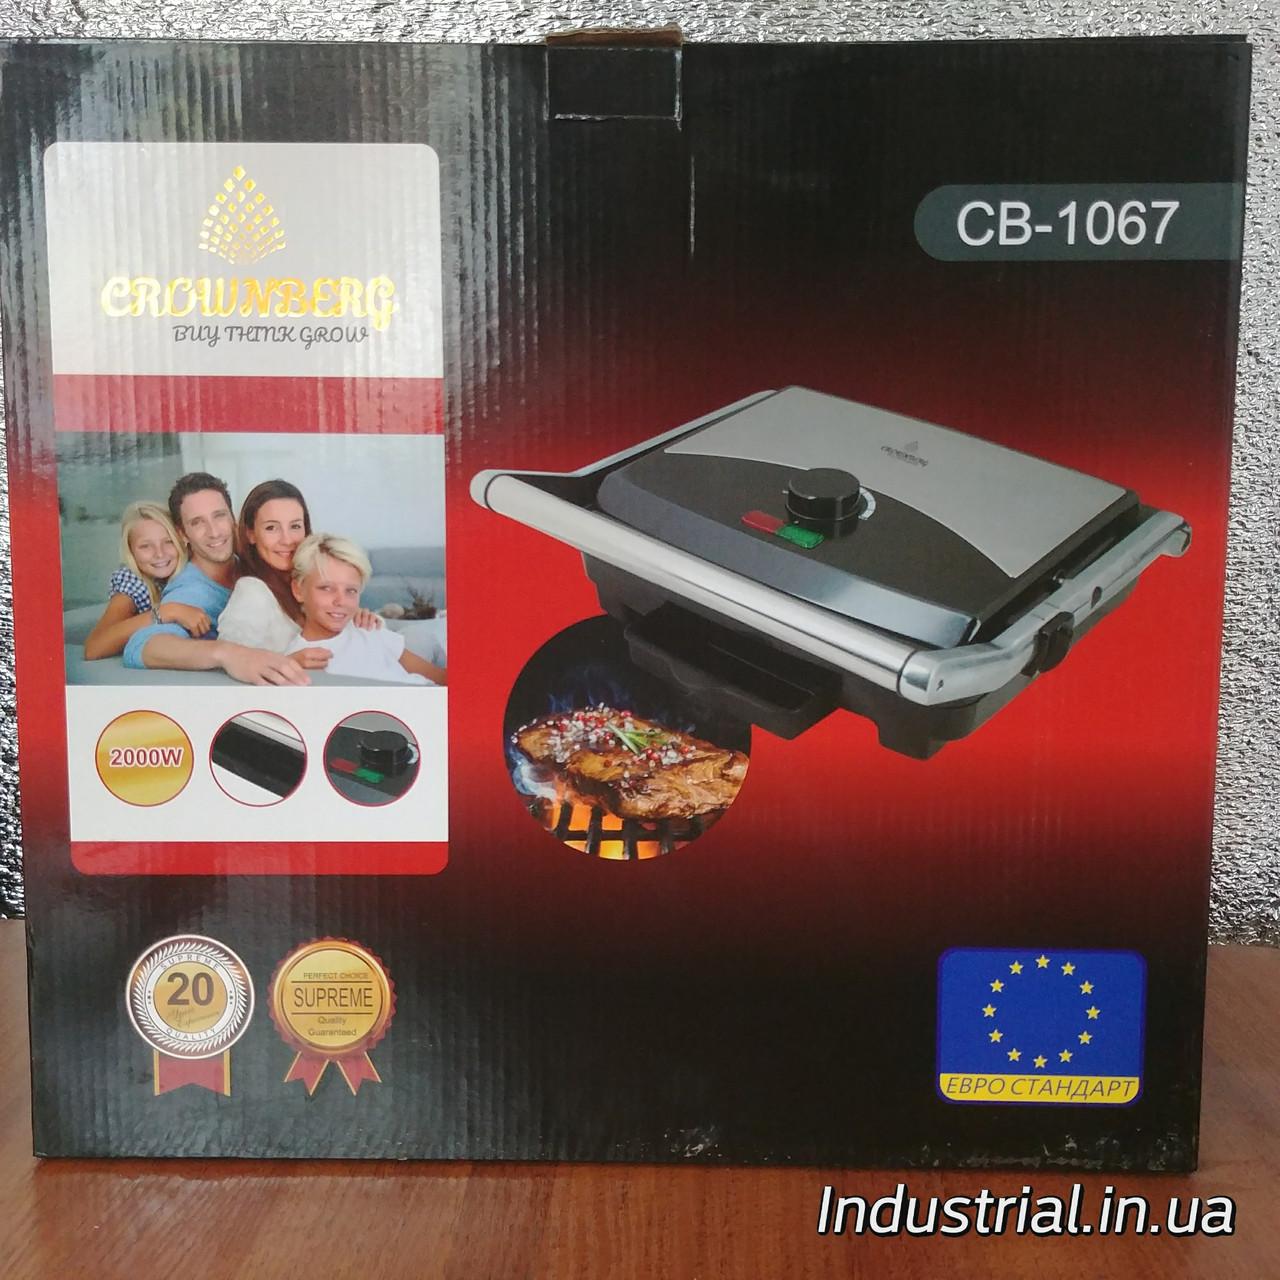 Электрогриль Crownberg CB 1067 прижимной  с терморегулятором 2000Вт